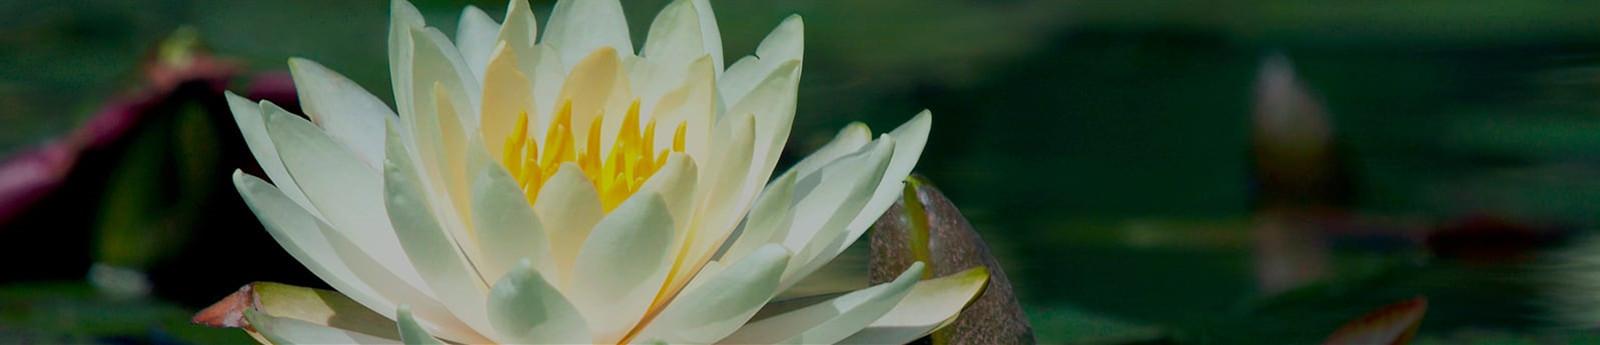 Grief & Healing | Bosak Funeral Home